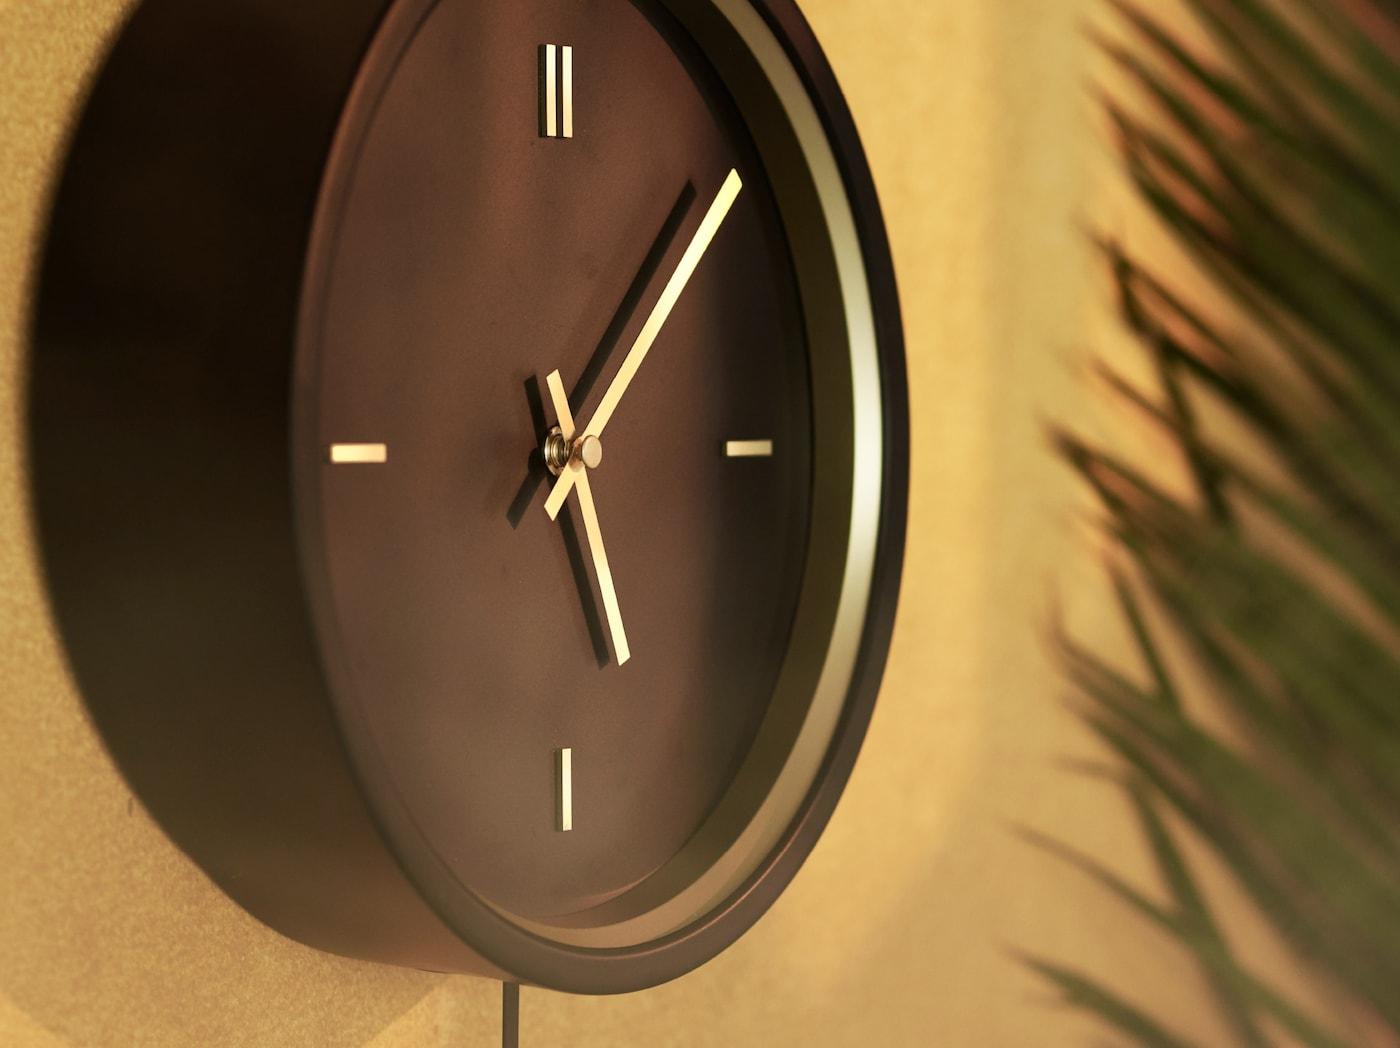 Un primer pla del rellotge de paret STURSK de color negre amb busques i detalls daurats, penjat d'una paret de color marró daurat.